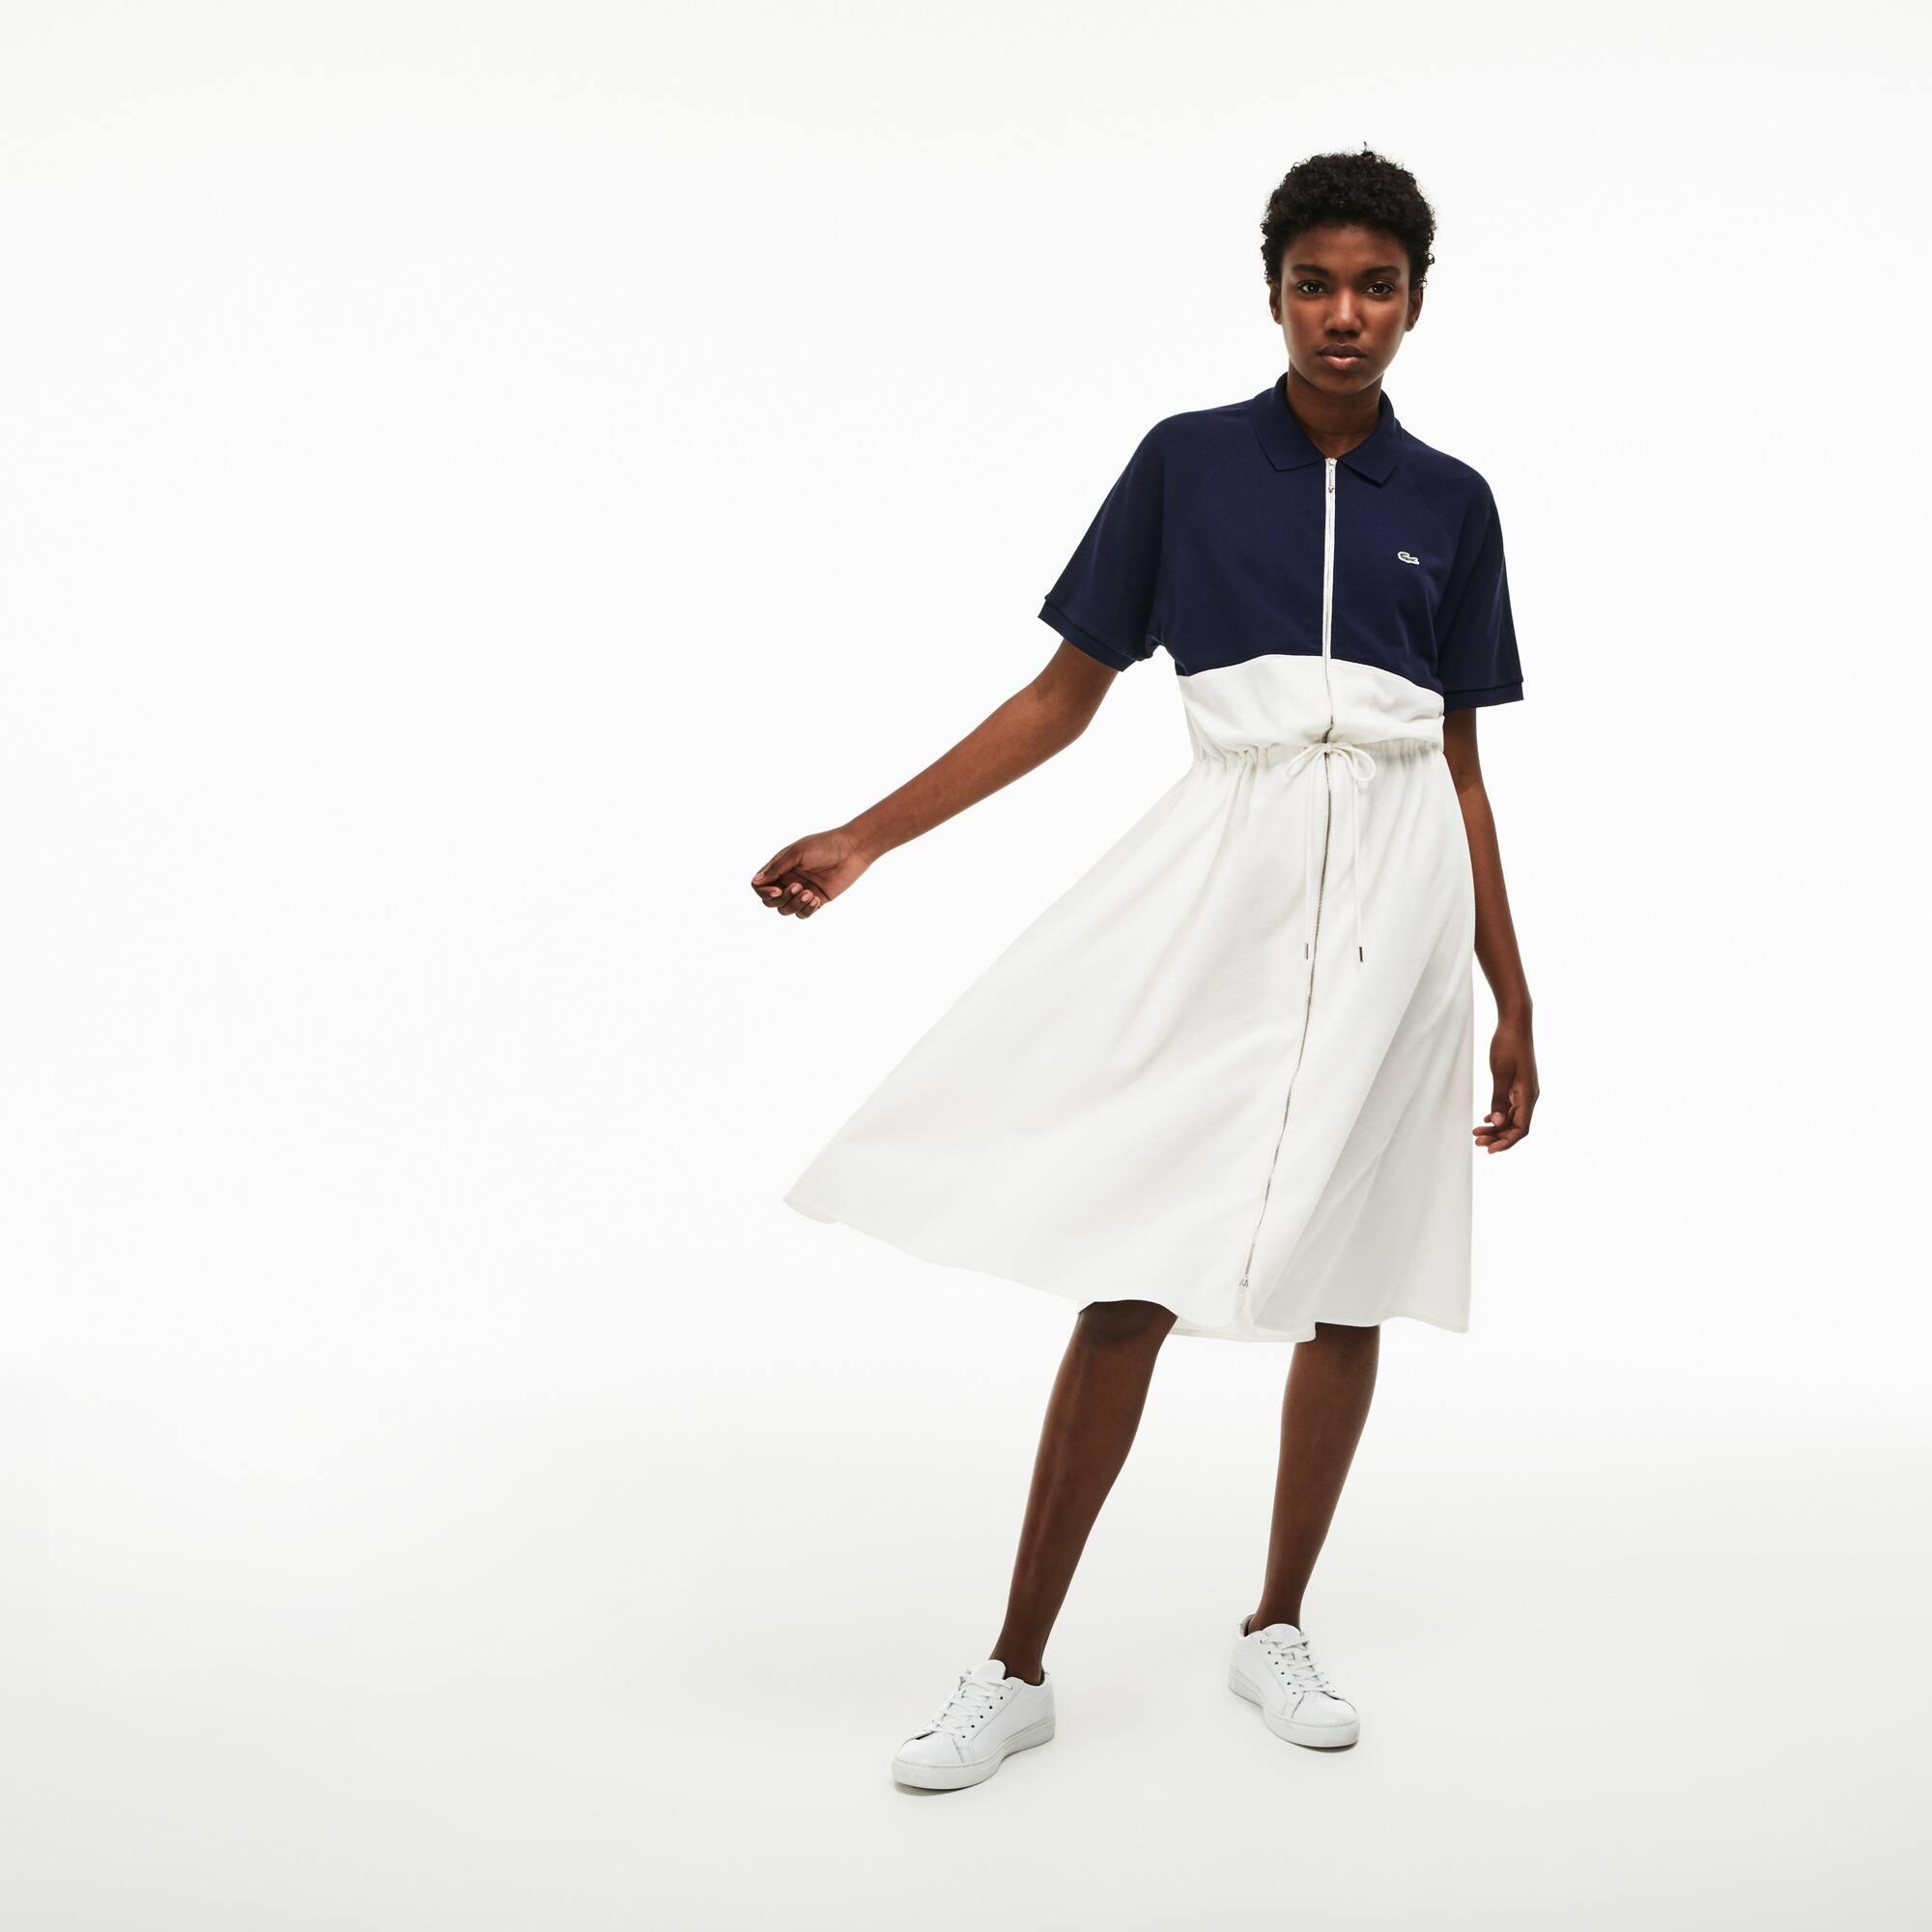 فستان بولو نسائي من لاكوست يتميز بتصميم متصادم الألوان وله سحّاب في خامة بيتي بيكيه القطنية